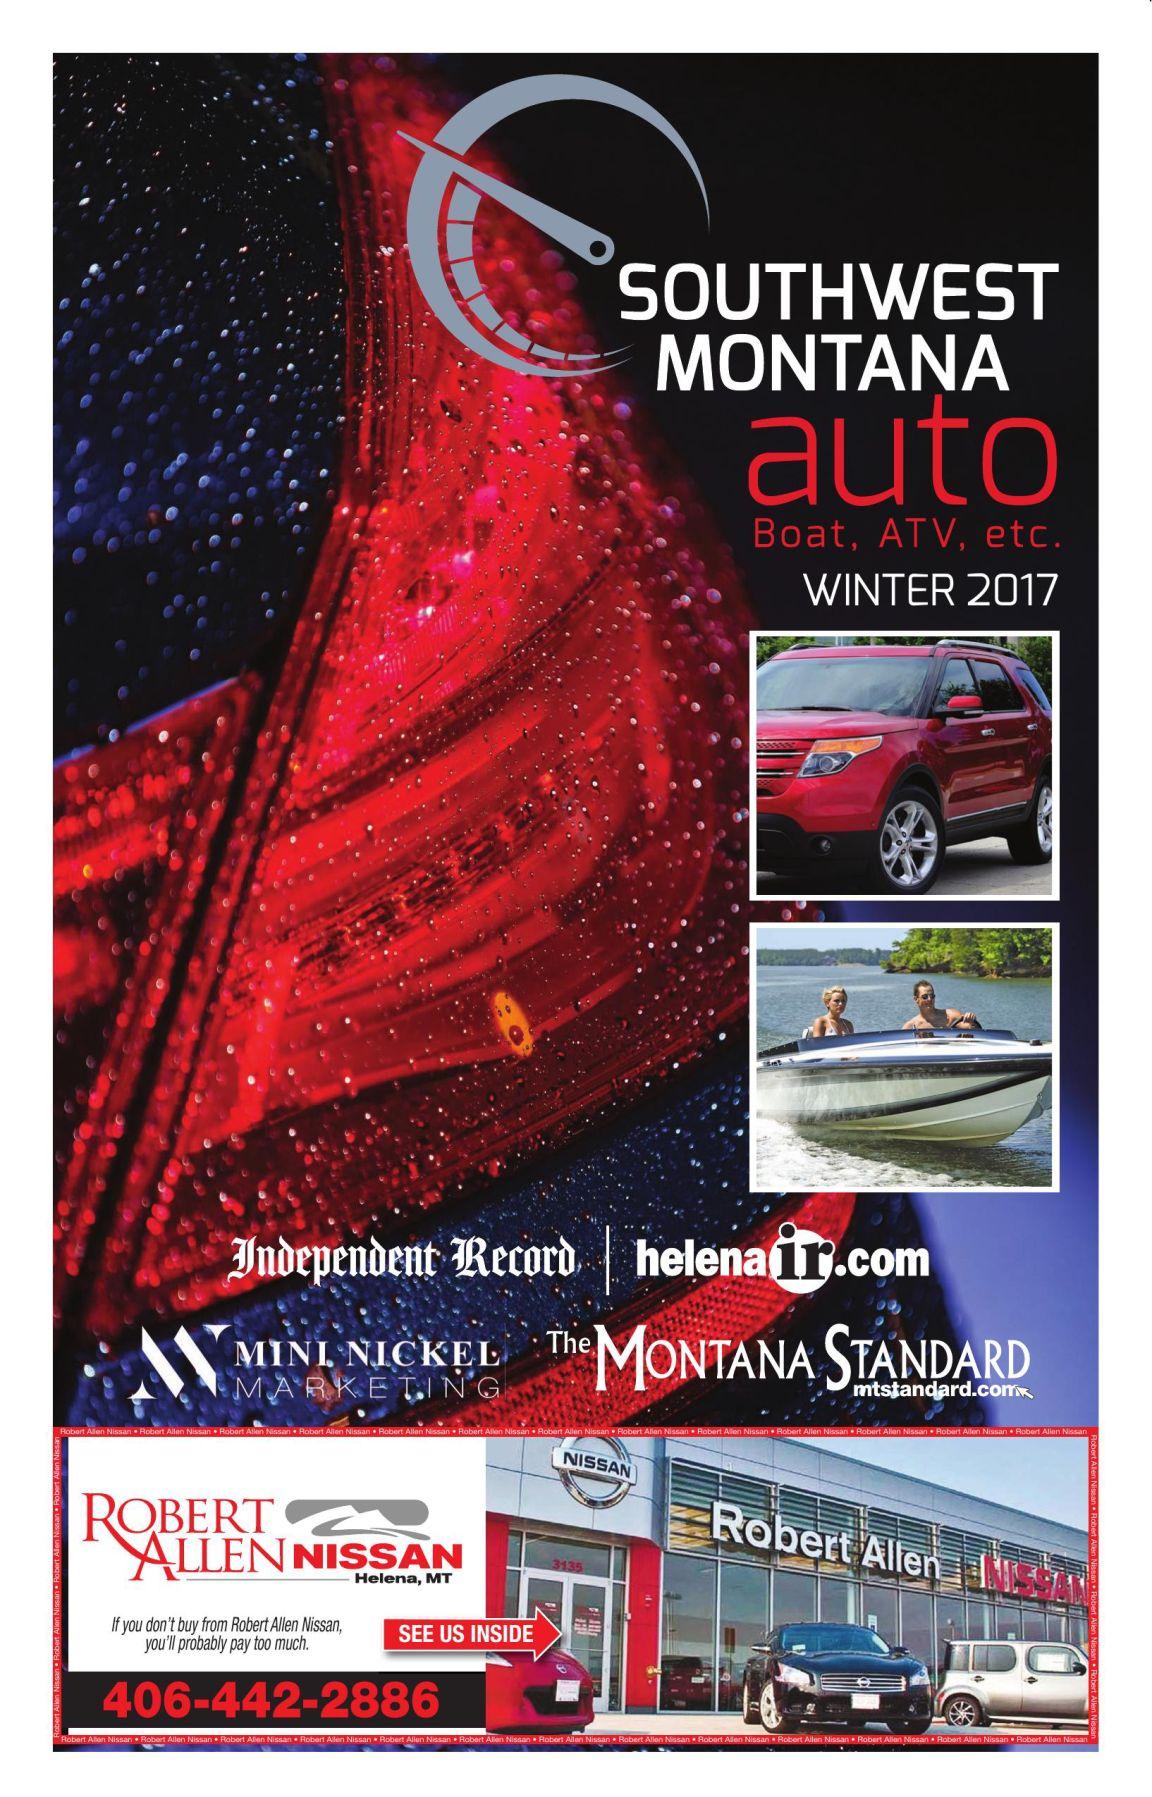 Southwest Montana Auto Guide - Winter 2017